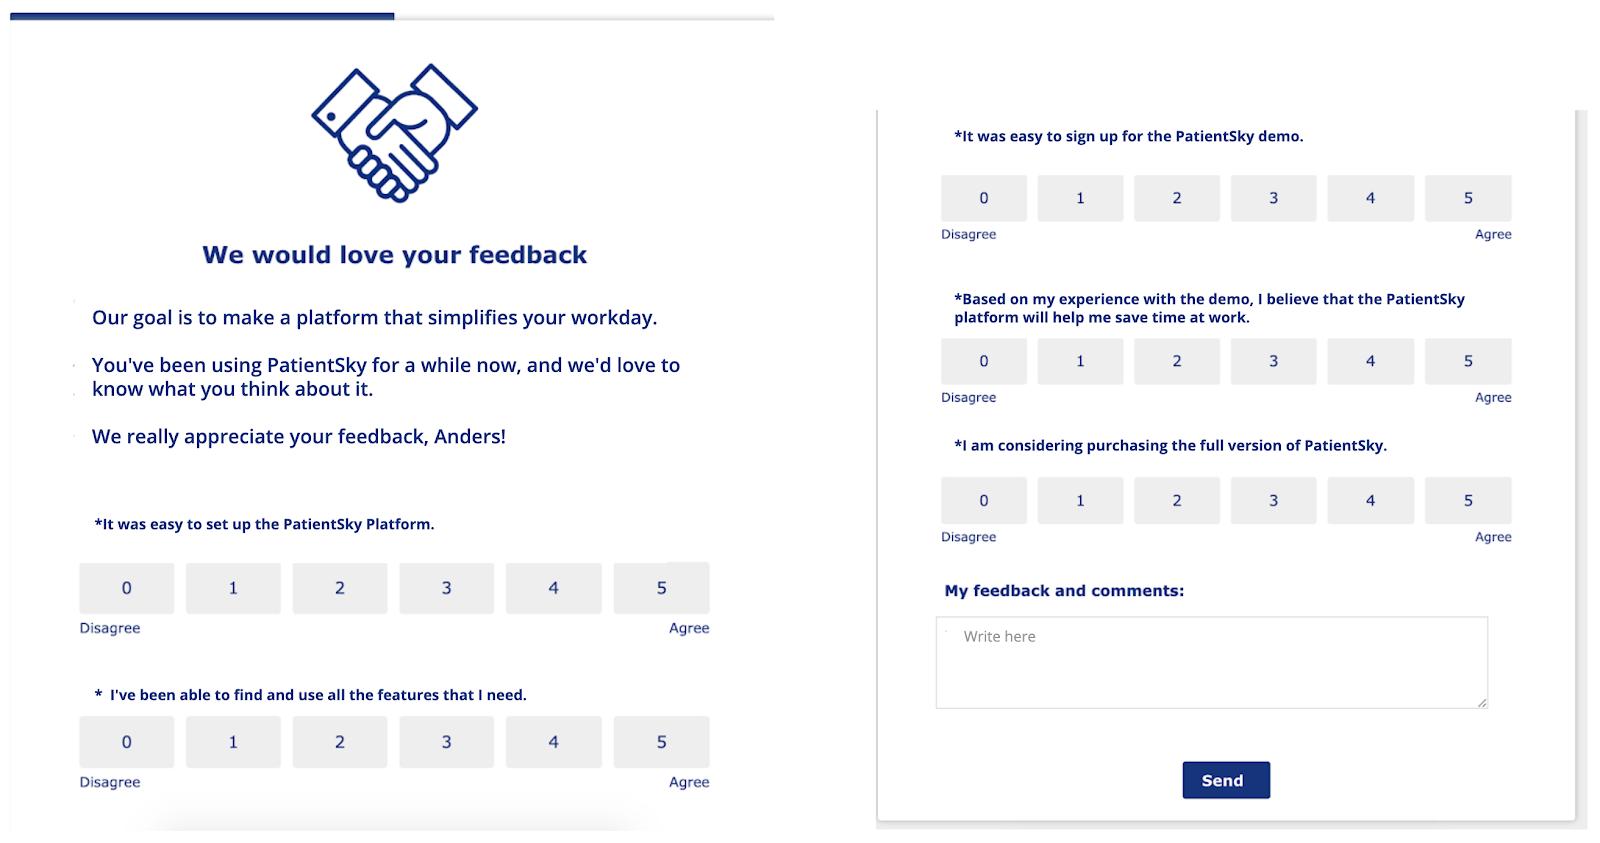 patientsky healthcare tech appcues in-app feedback customer survey